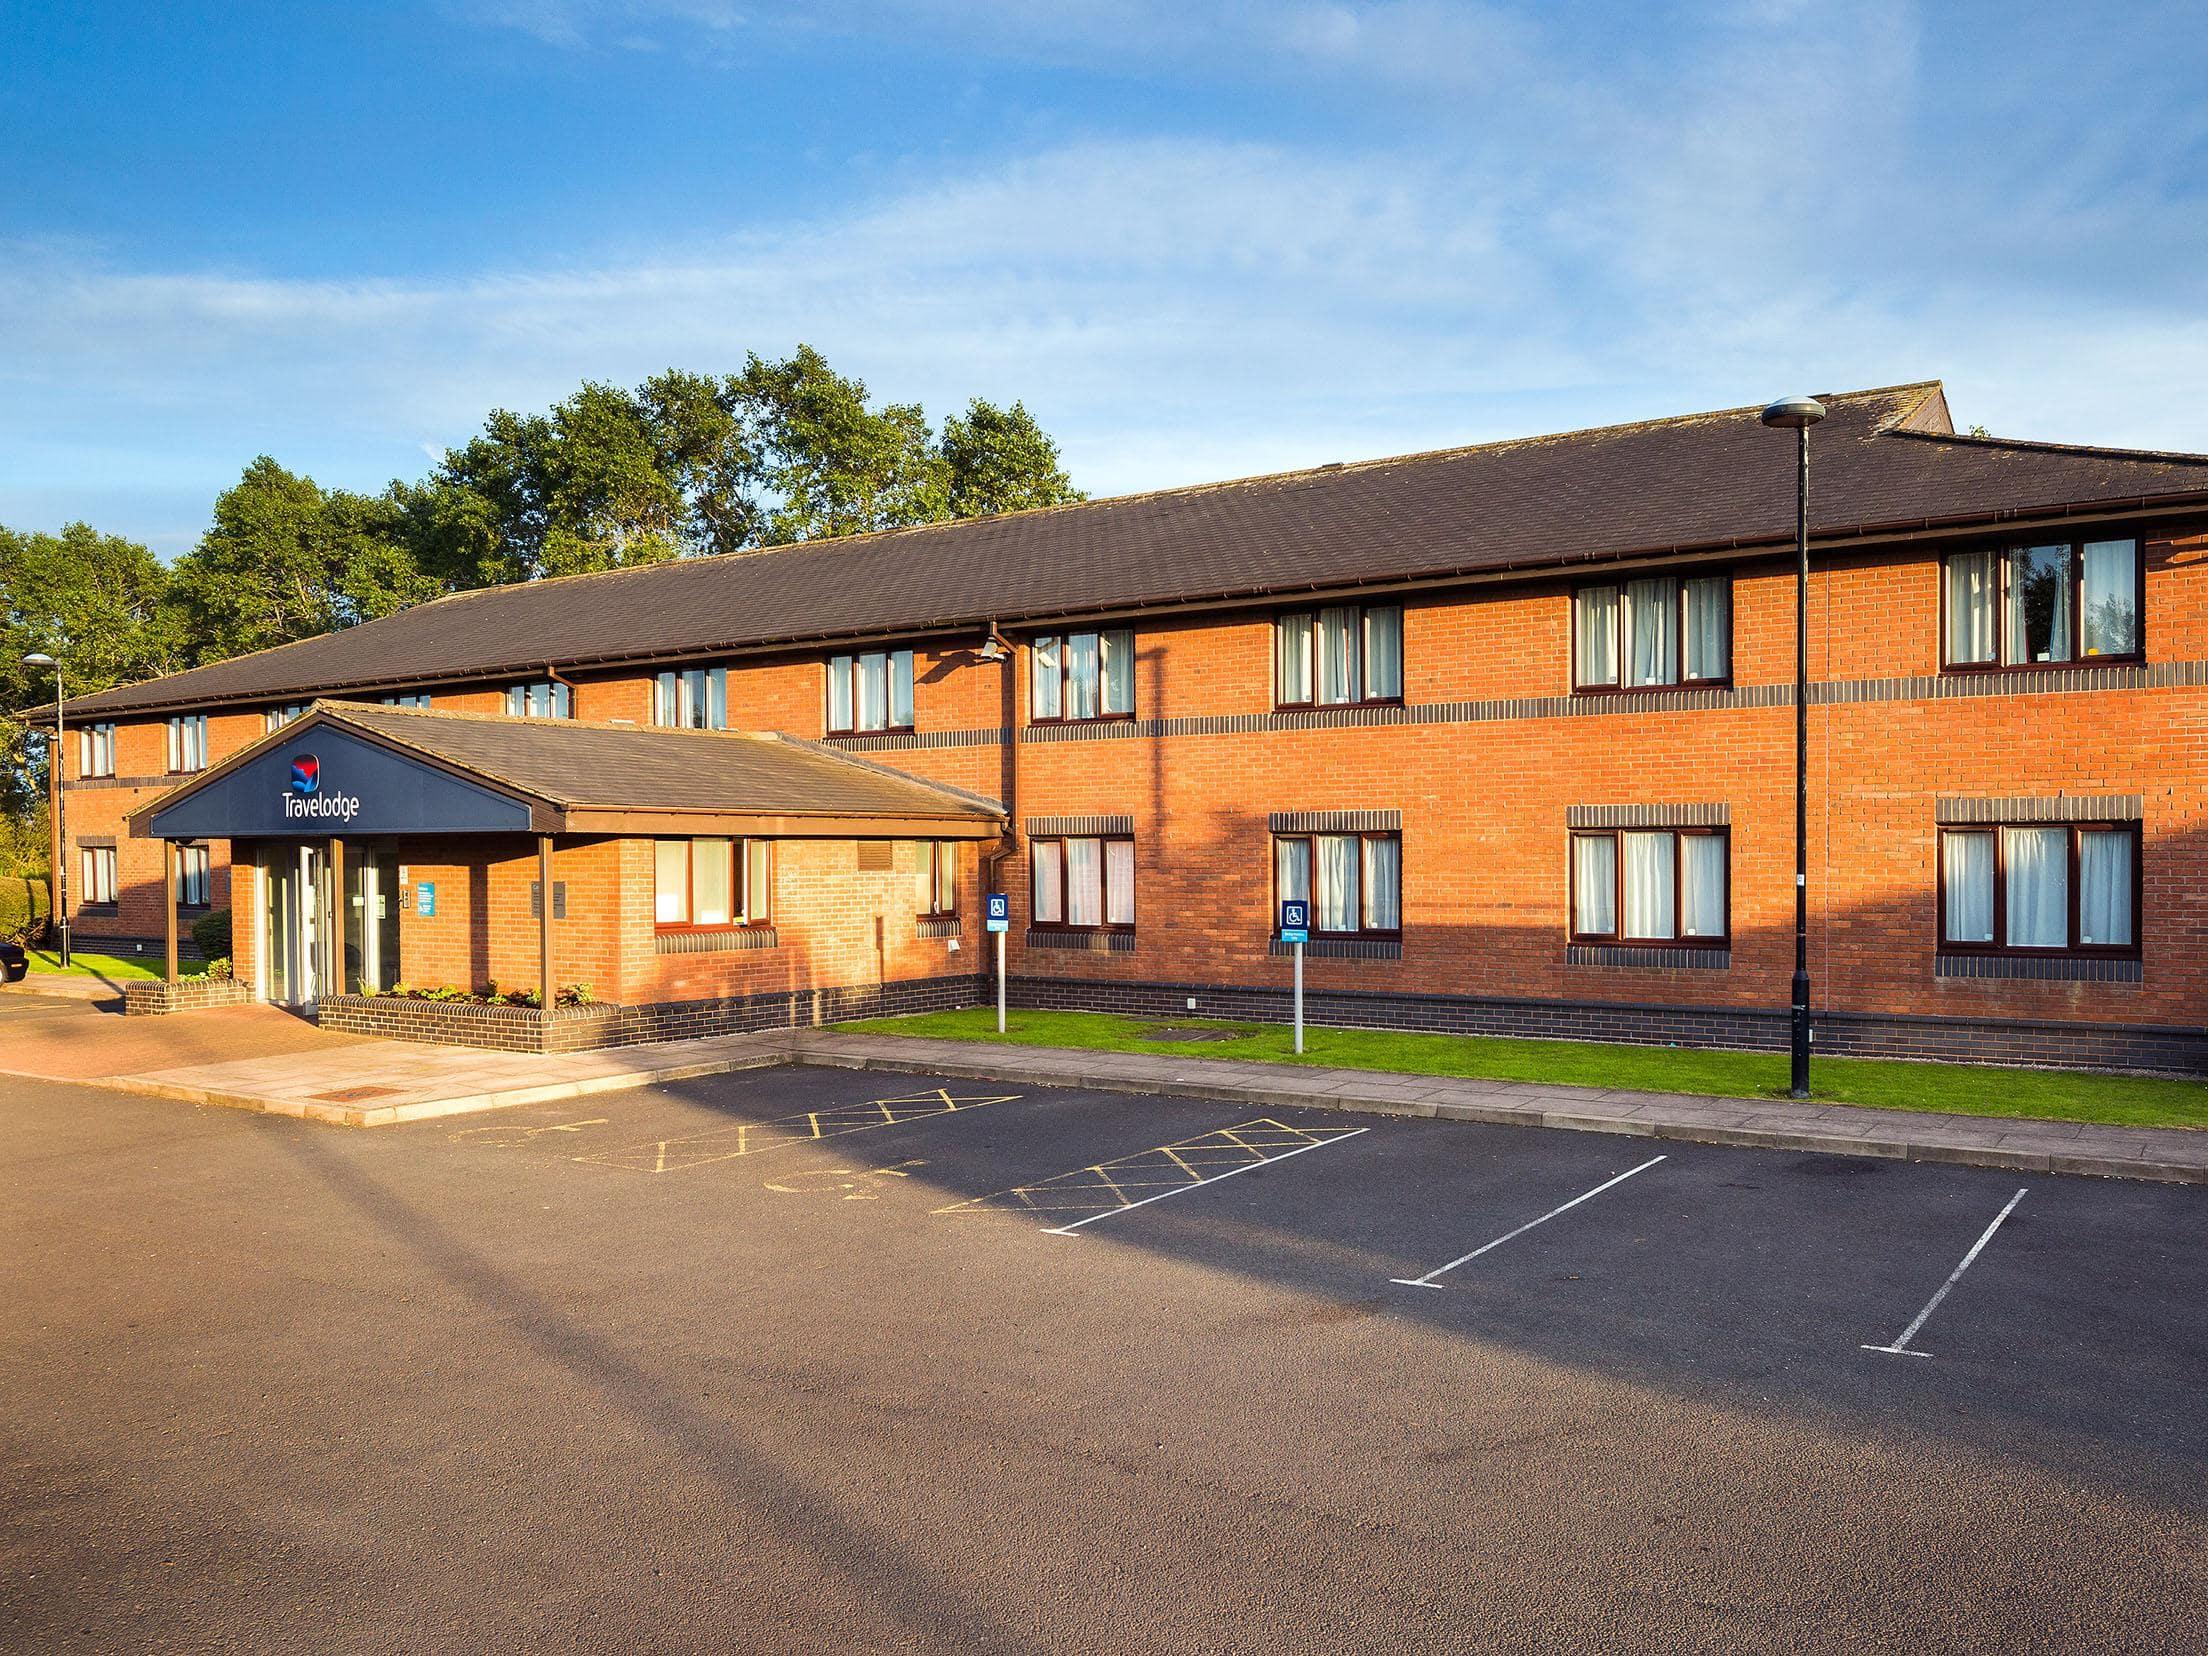 Carlisle Todhills - Exterior